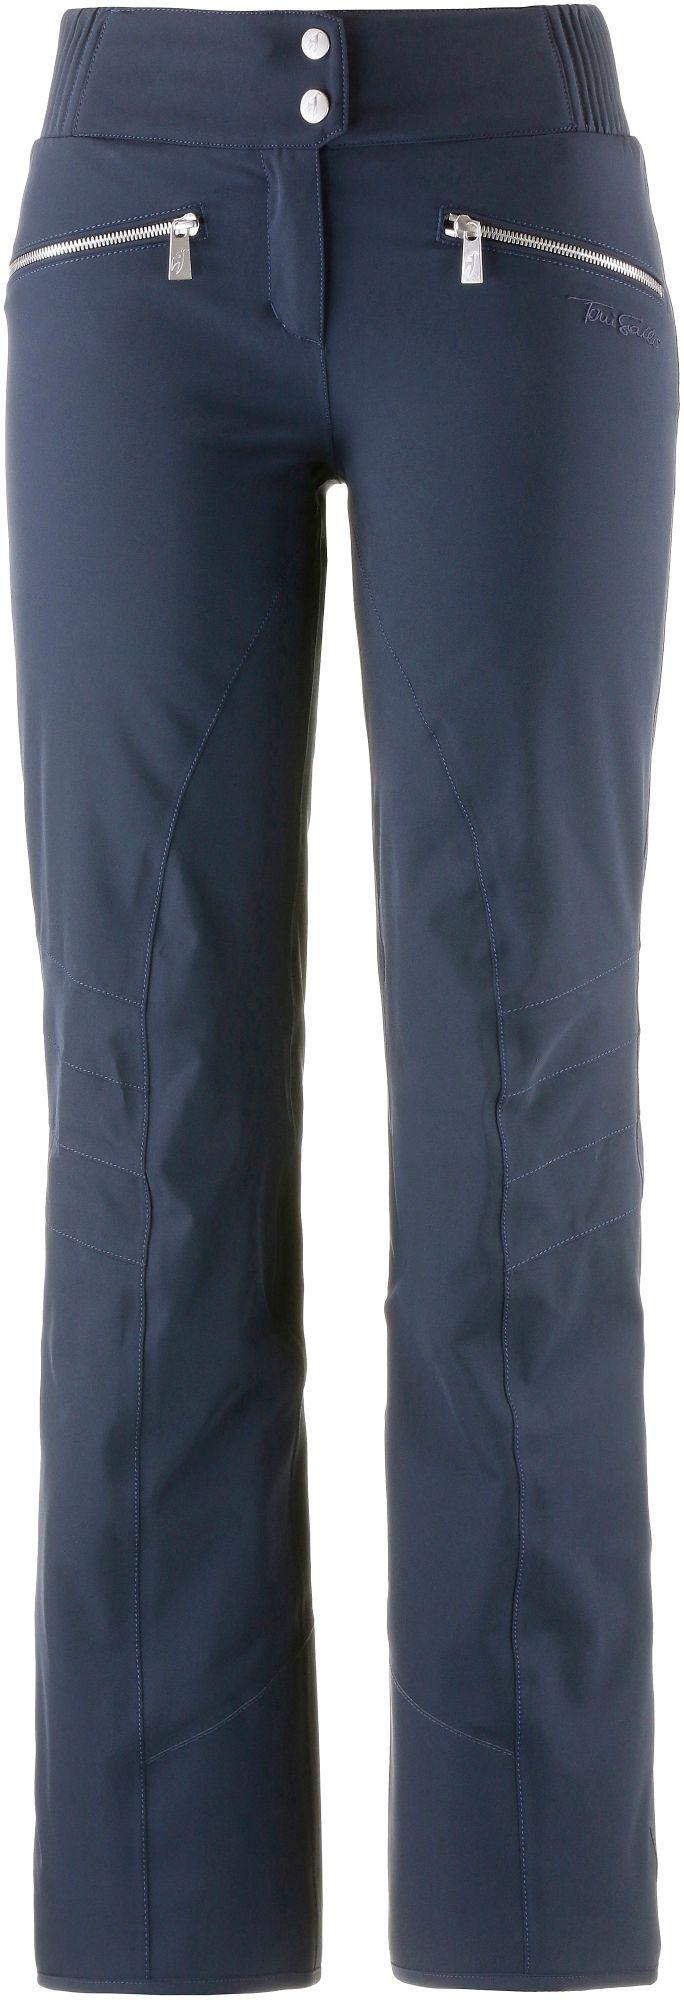 Alla New Skihose Damen in blau, Größe 36